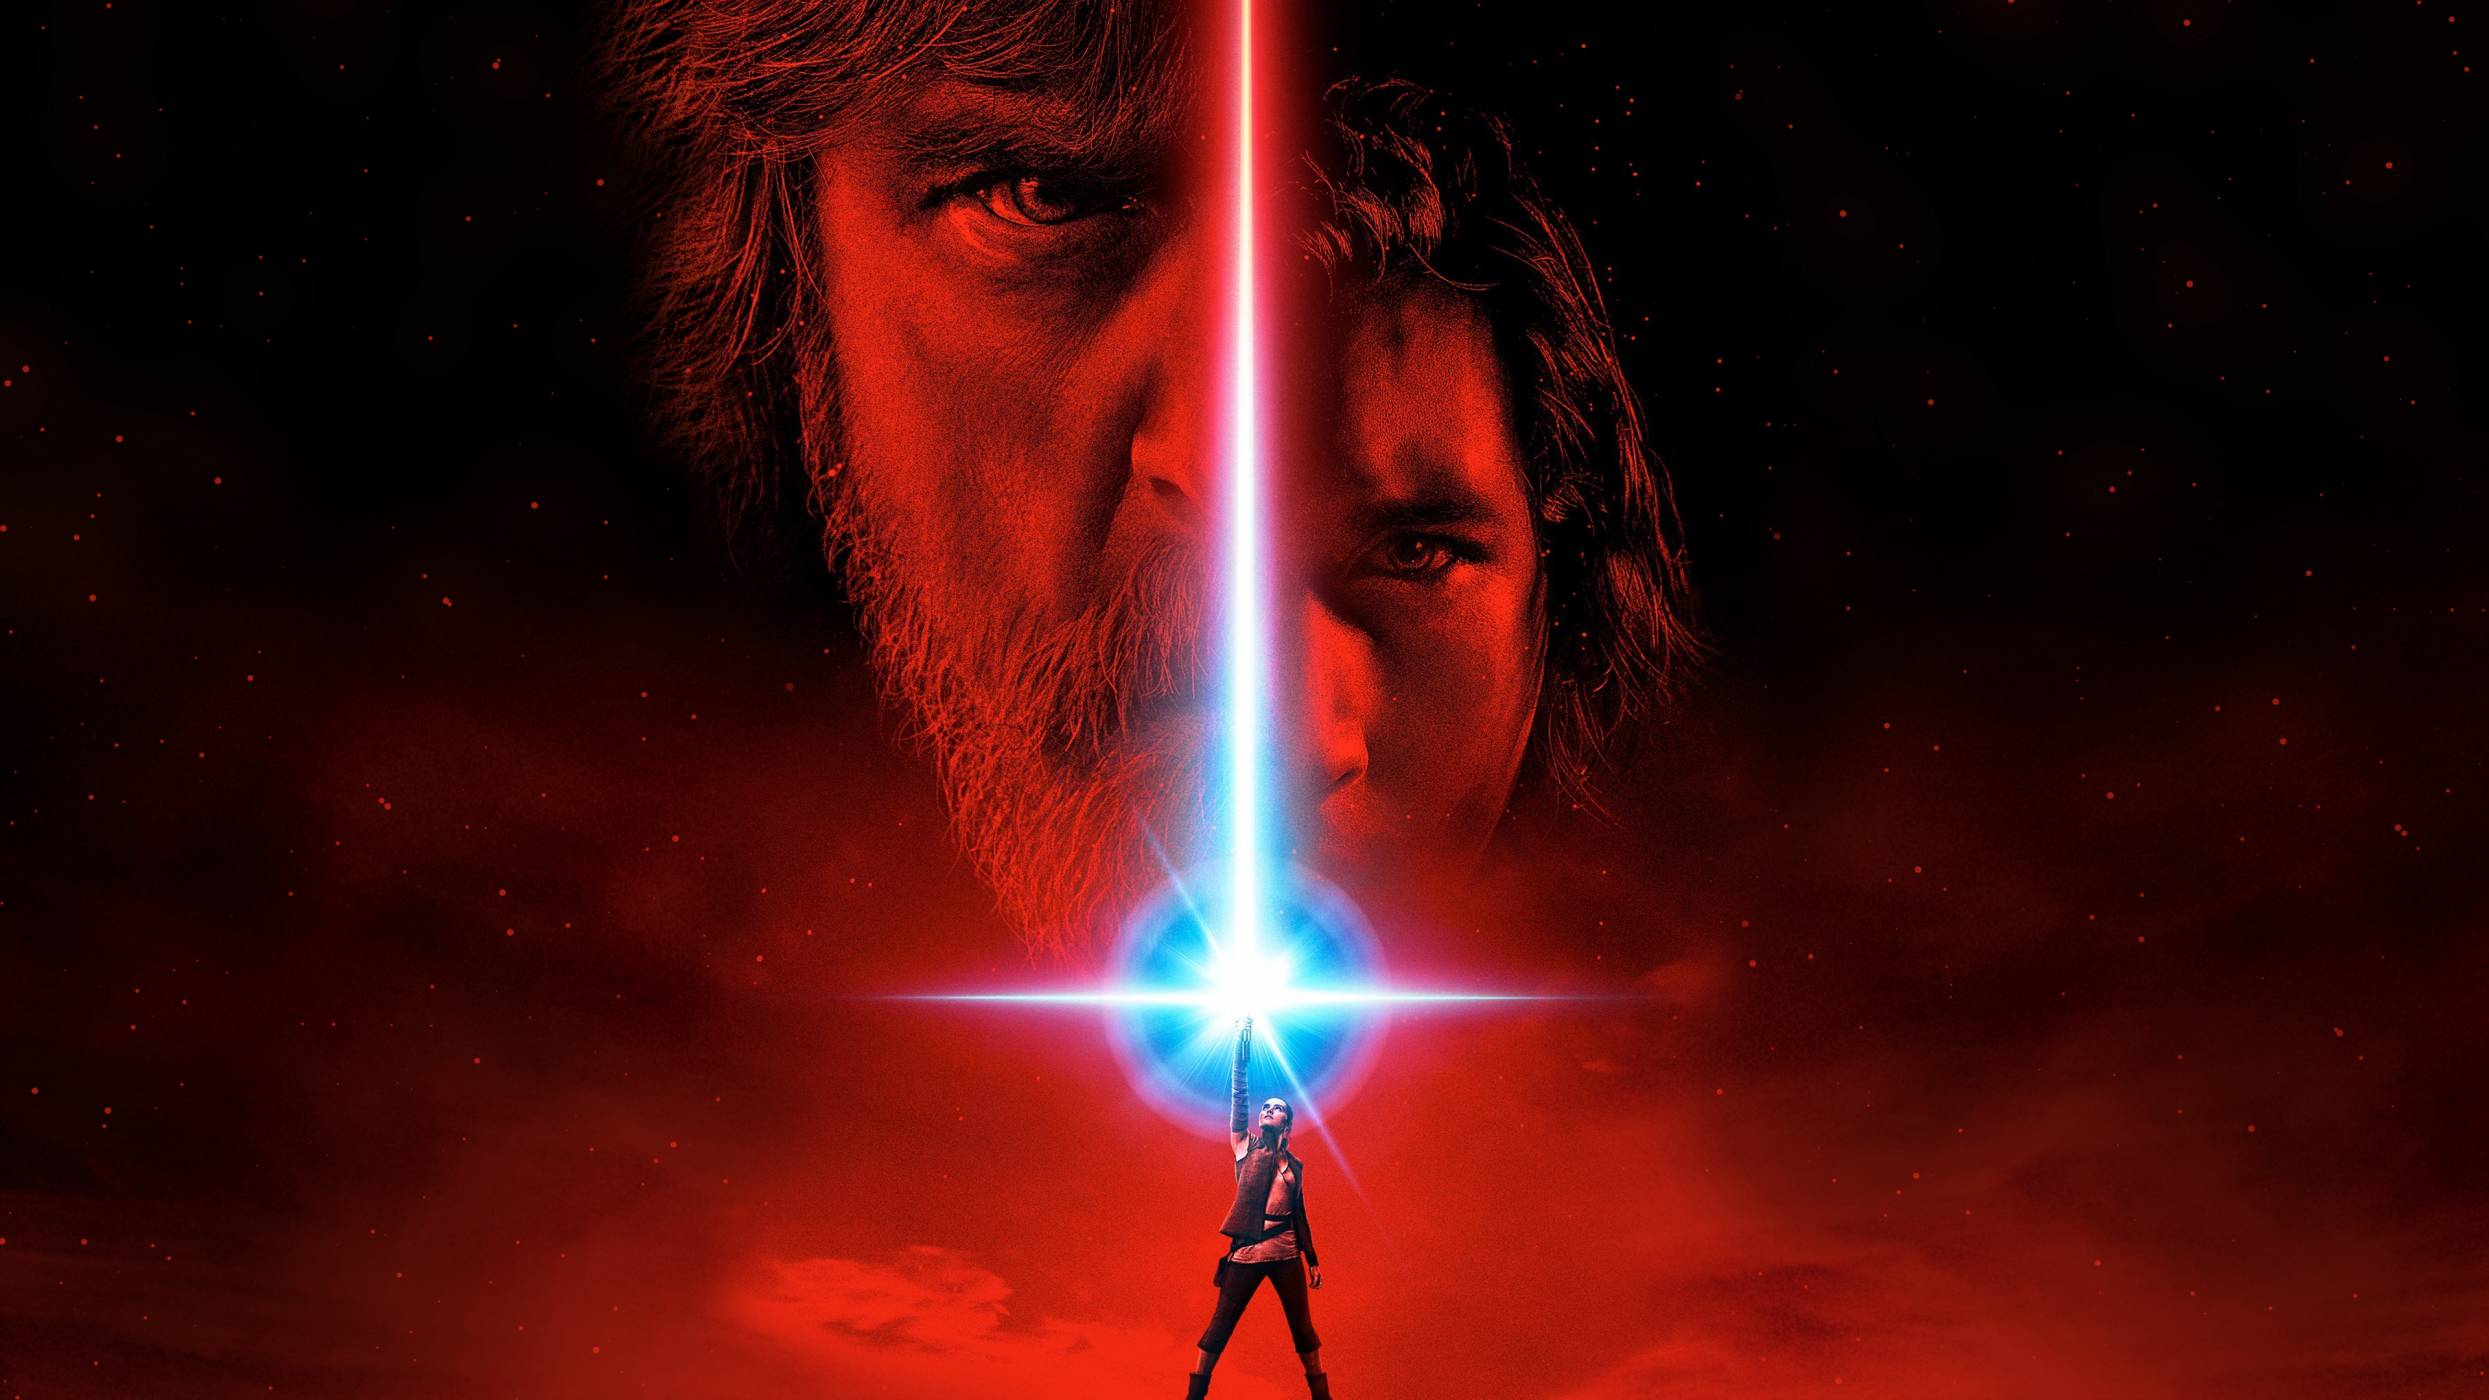 Тъмната страна на Силата владее новия трейлър на Star Wars: The Last Jedi